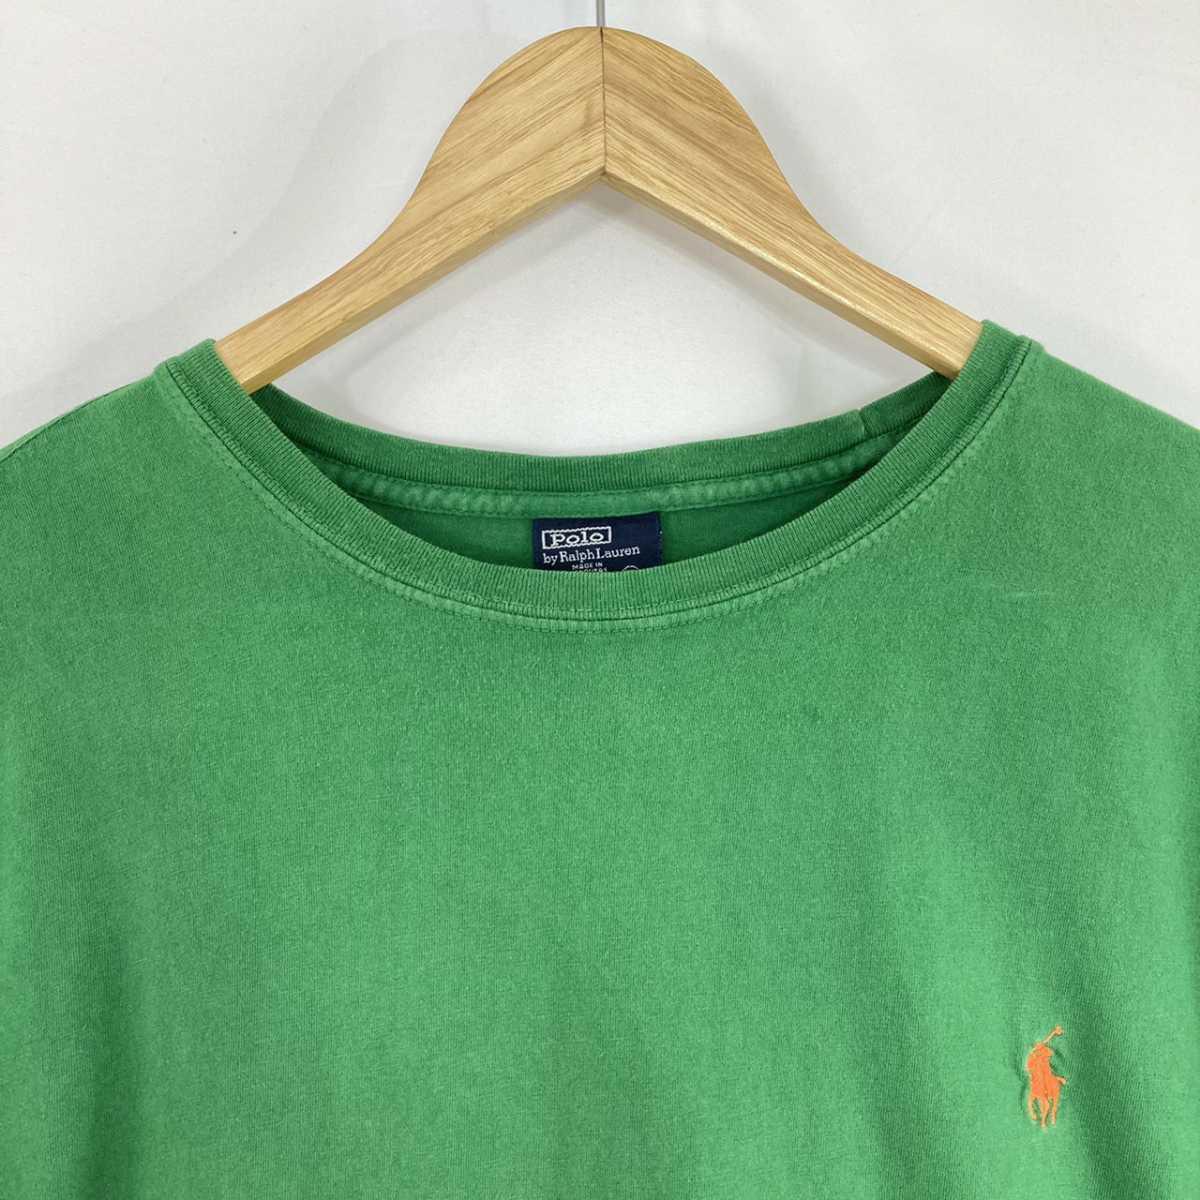 【人気カラー】ラルフローレン Tシャツ 刺繍ロゴ 緑 グリーン 古着 XXL_画像4